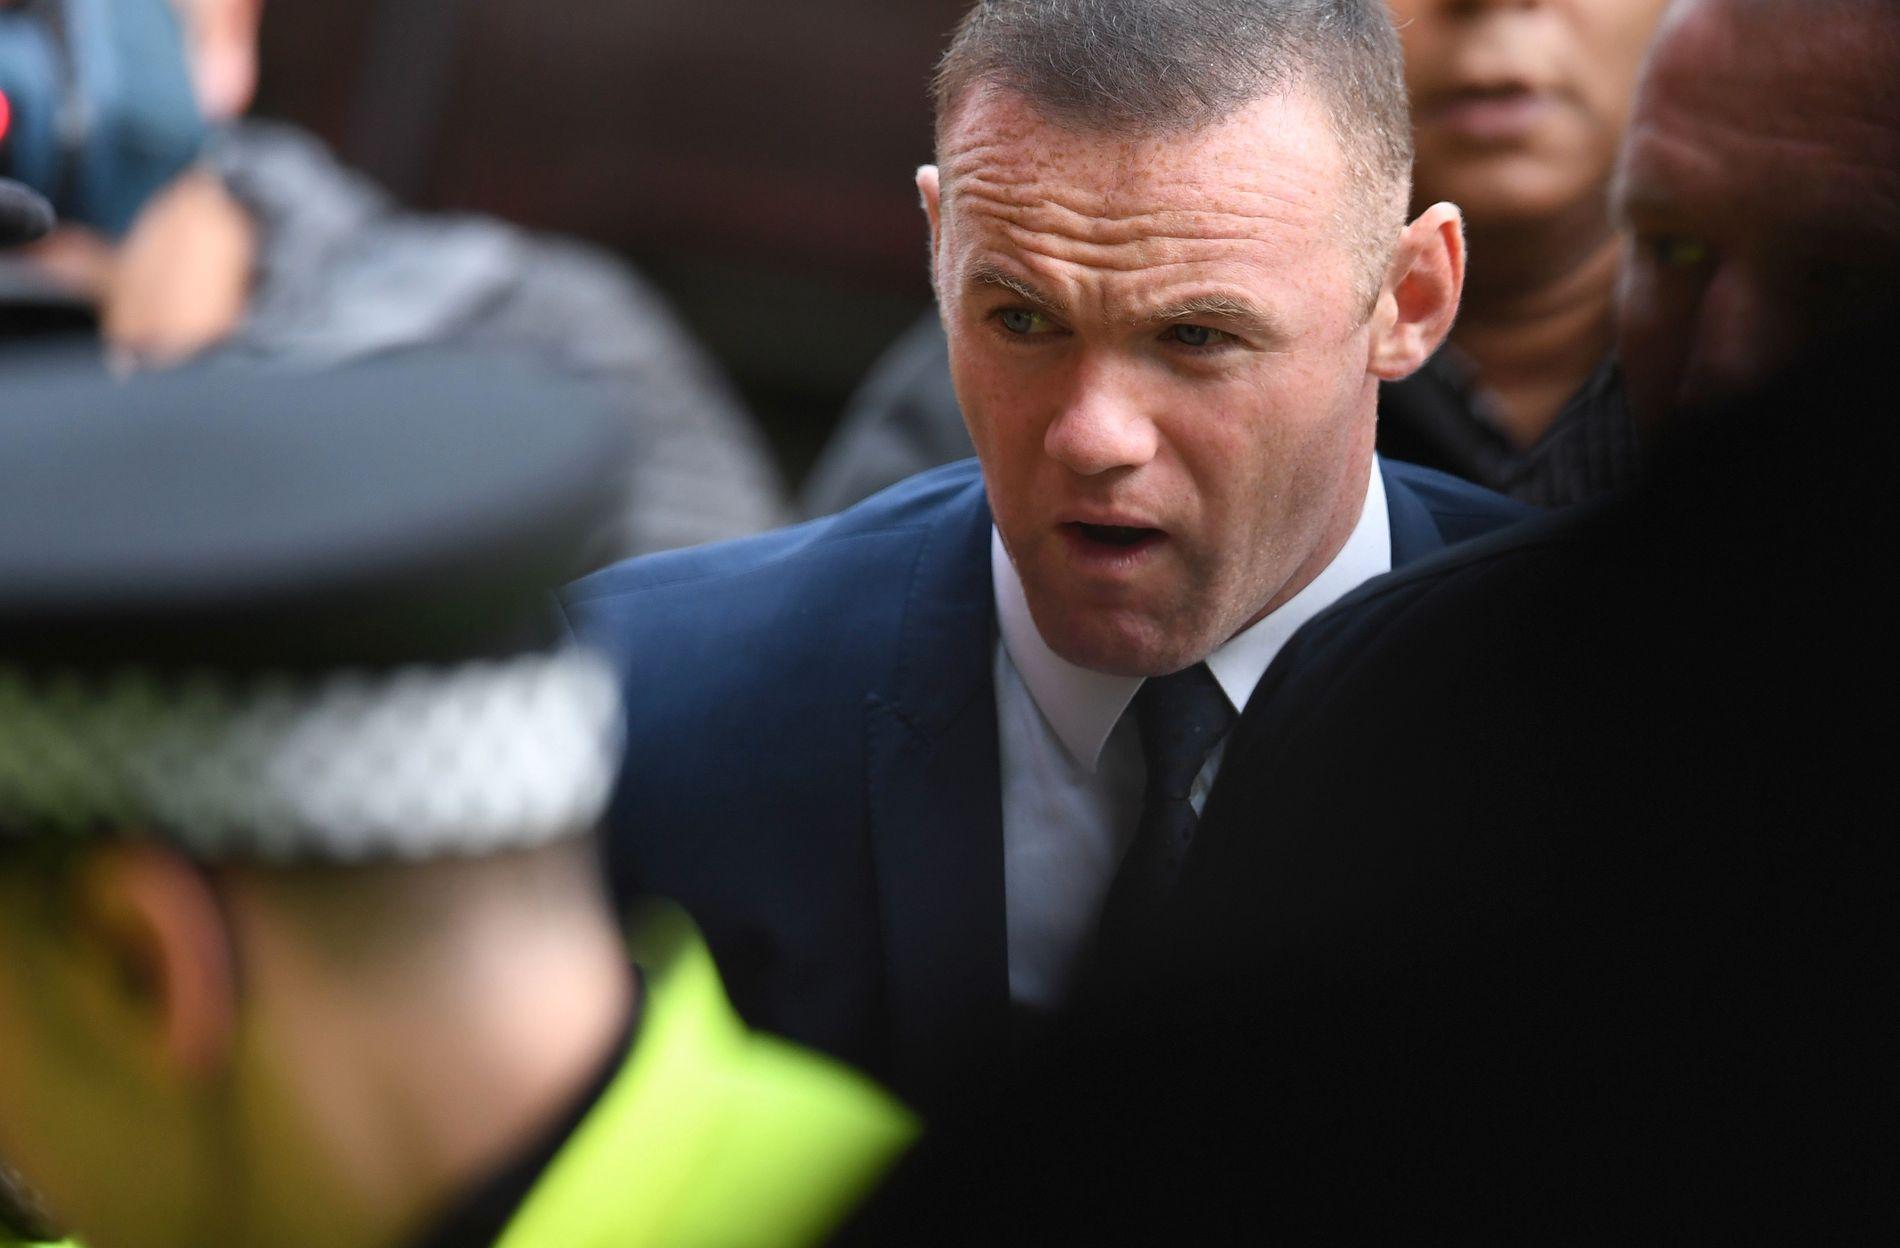 TILSTÅR: Wayne Rooney, som her møter opp i retten mandag, tilstod å ha kjørt i alkoholpåvirket tilstand.